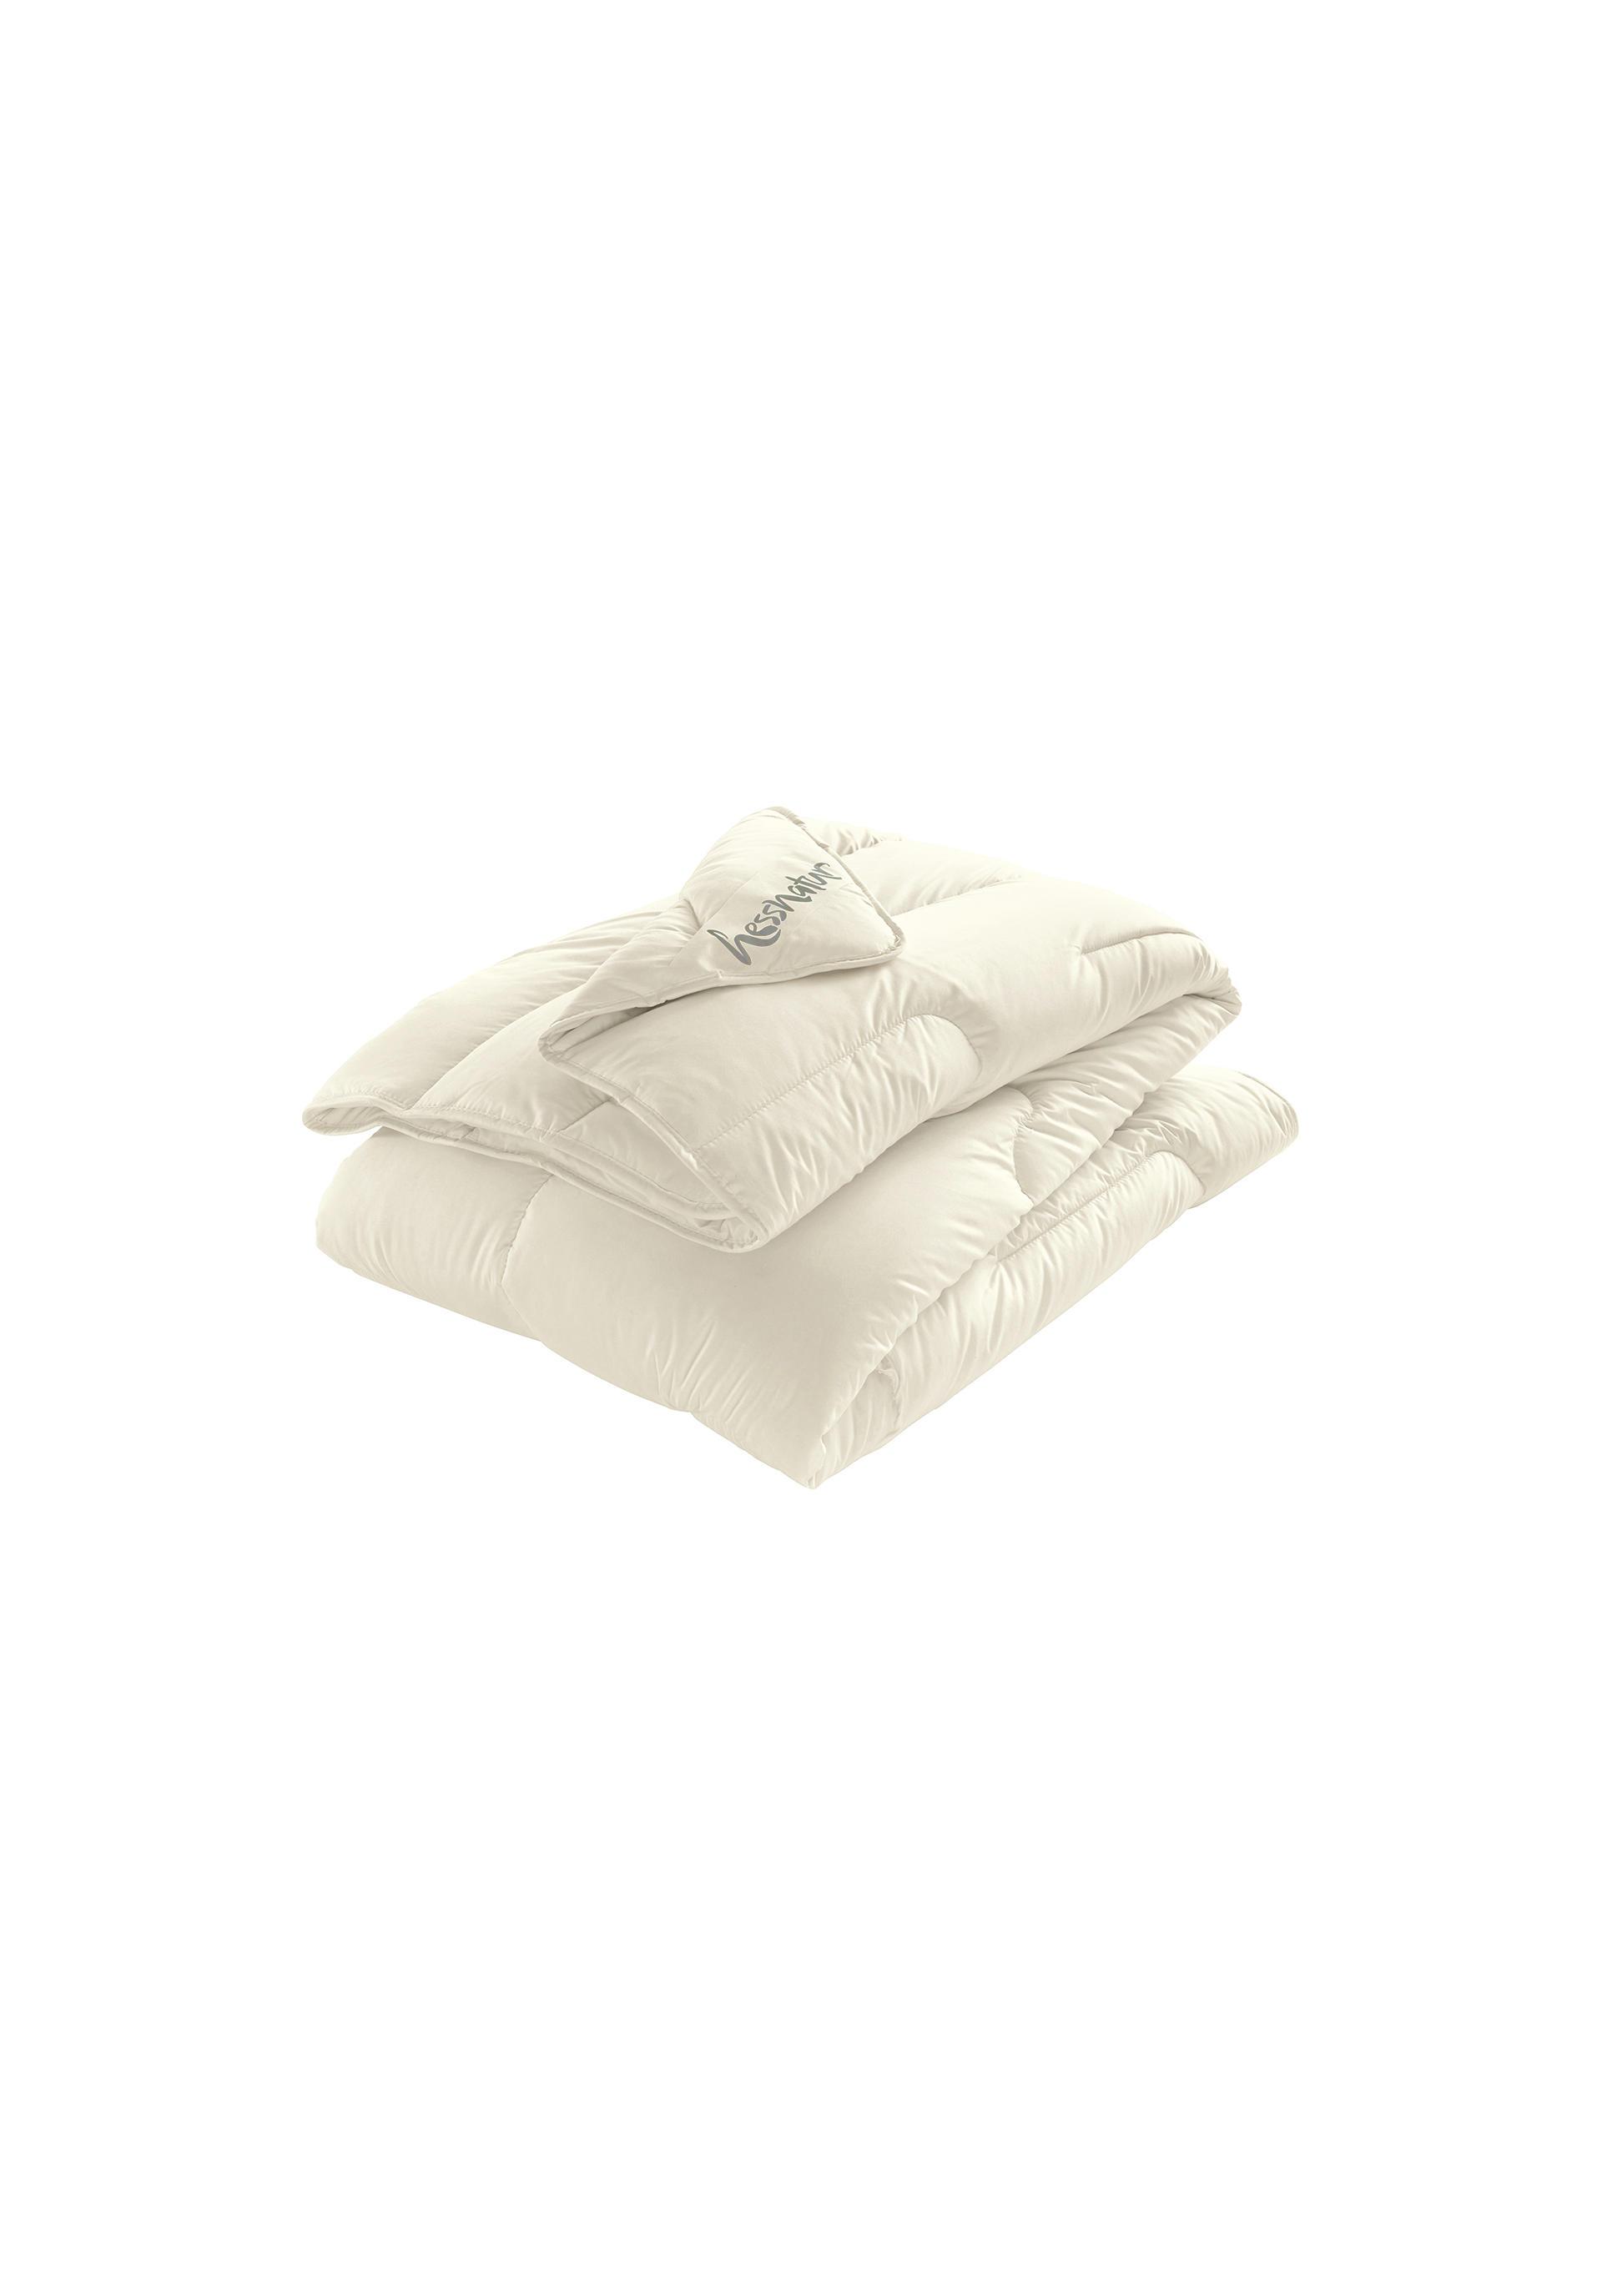 bettdecken auf rechnung bestellen futon schlafsofas digitaldruck bettw sche schadstofffreie. Black Bedroom Furniture Sets. Home Design Ideas